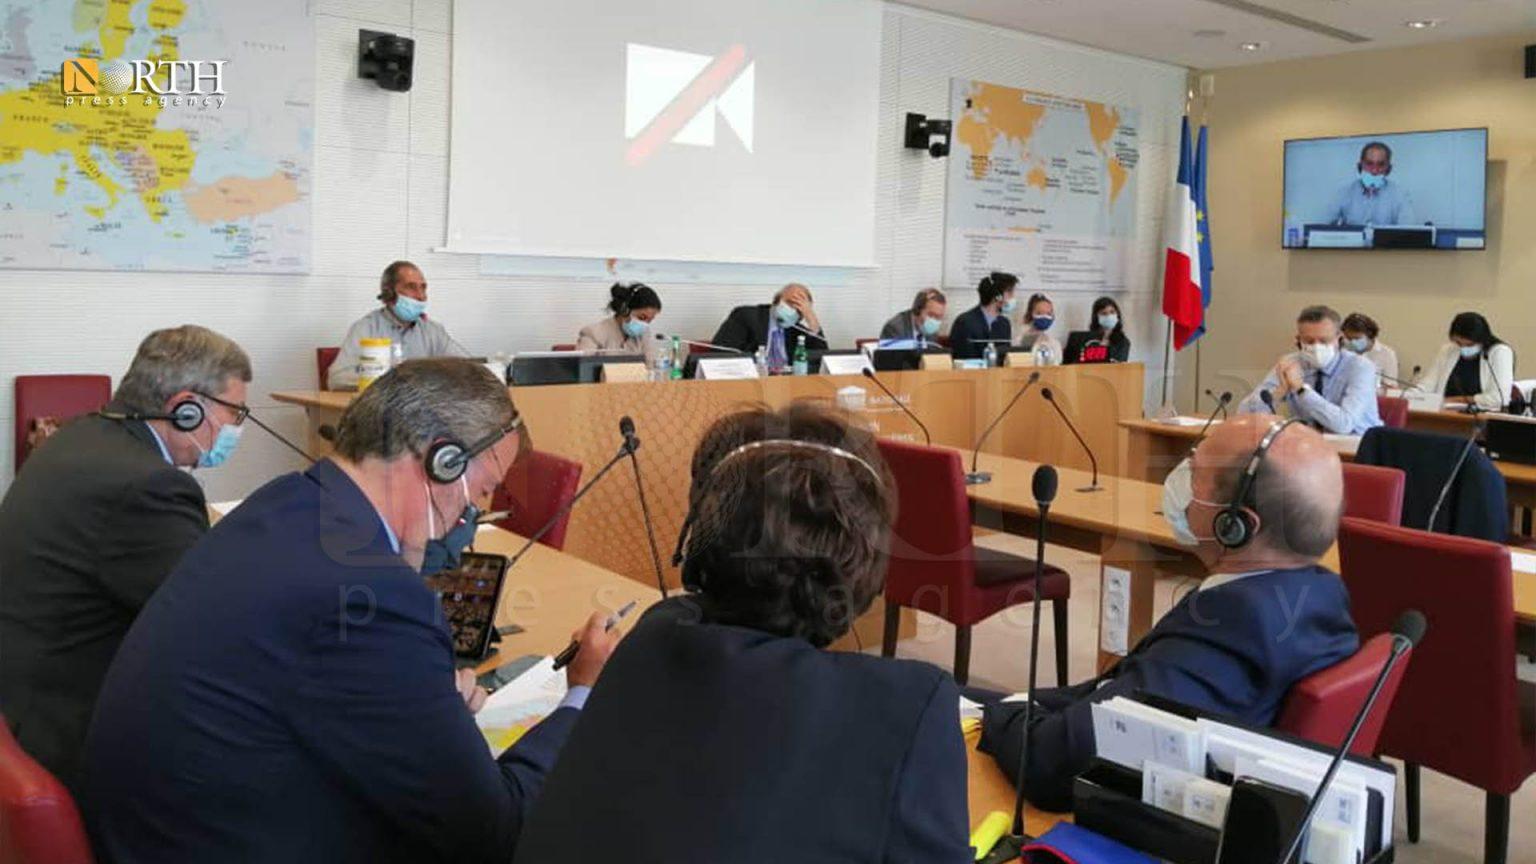 """بيرفان خالد : النقاش ركز  على """"دعم فرنسا لاعتراف المجتمع الدولي بالإدارة الذاتية الكردية""""."""